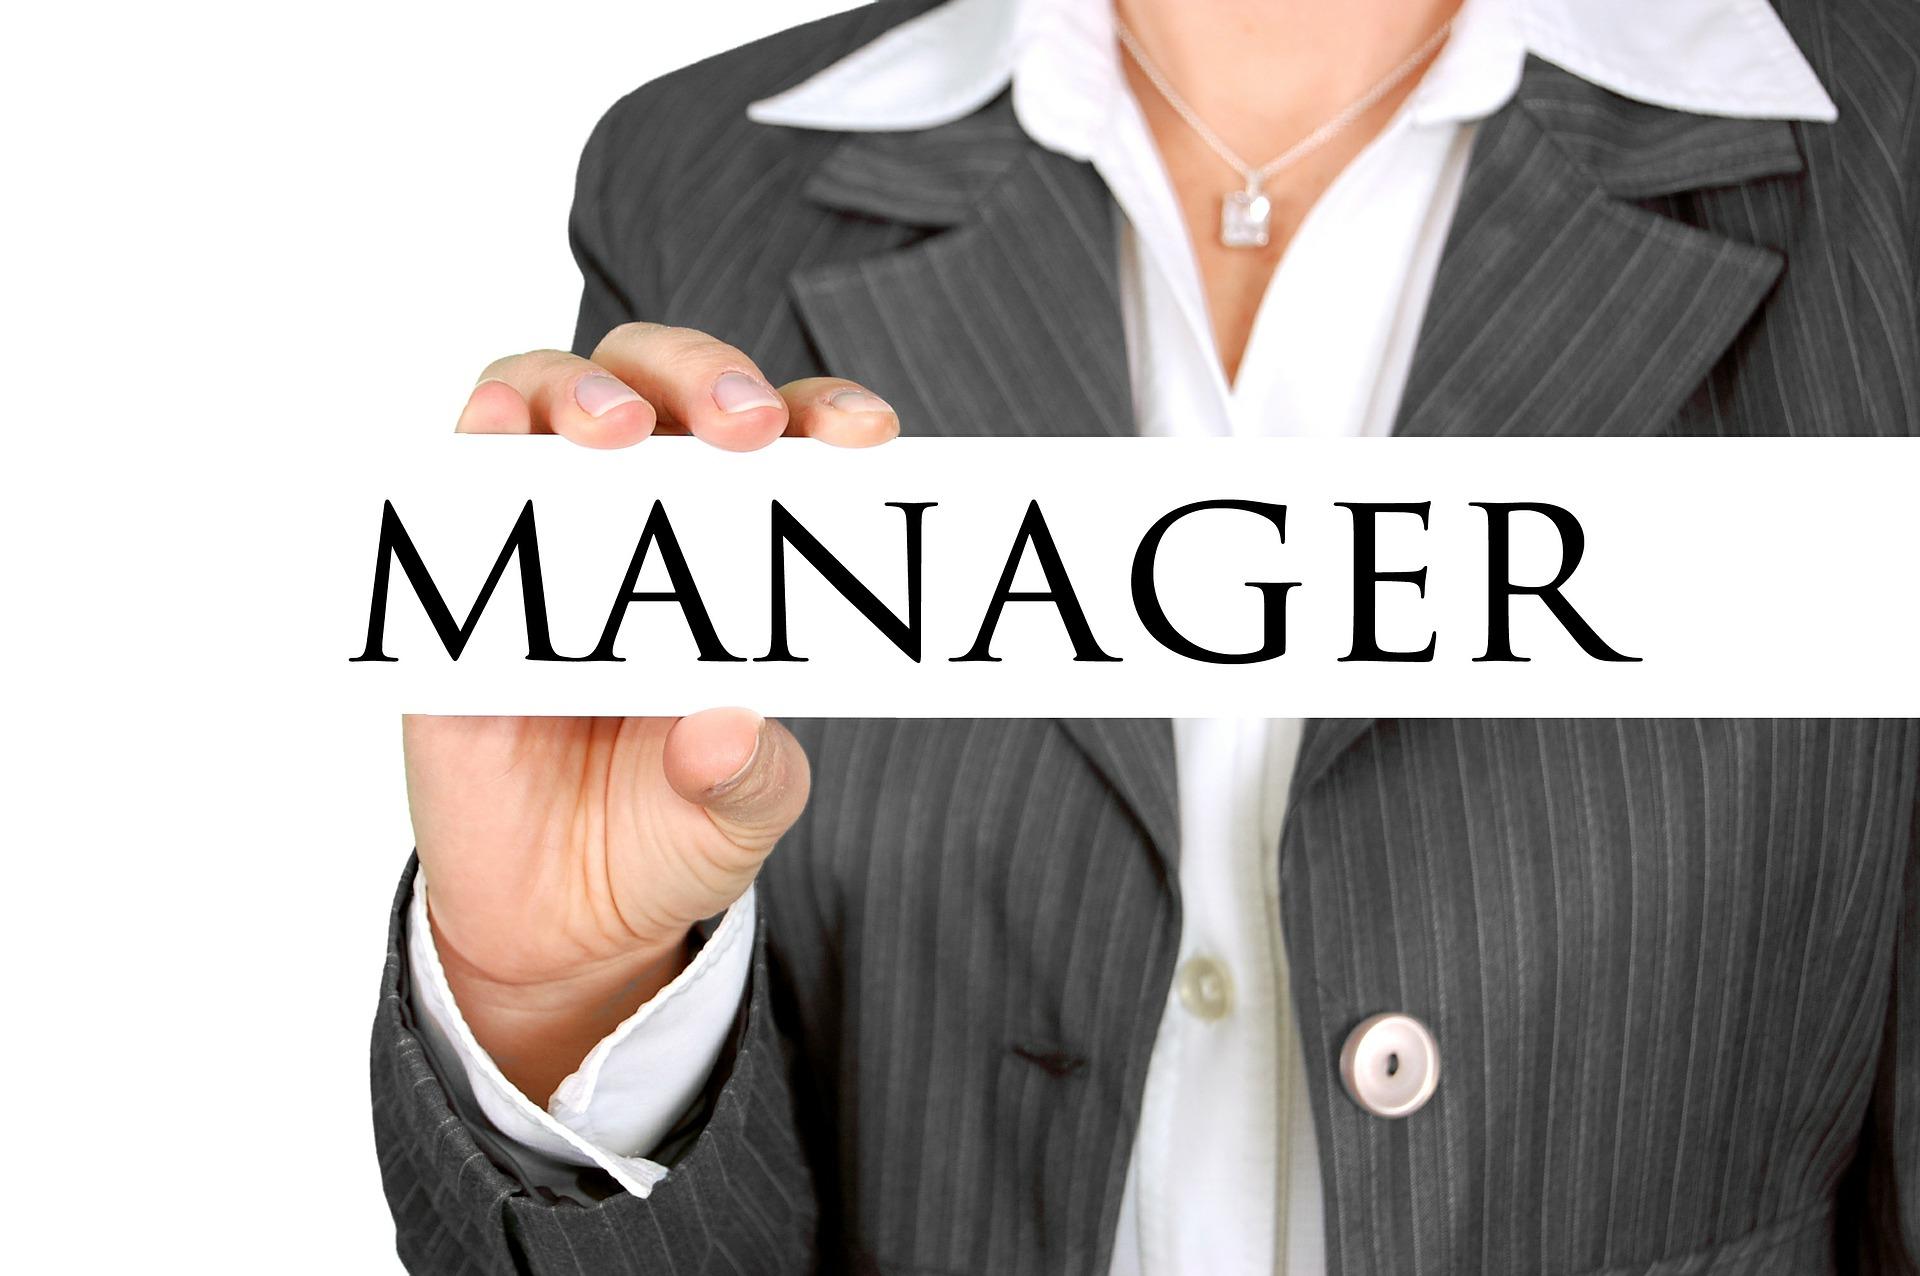 האם כל אחד יכול להיות מנהל?